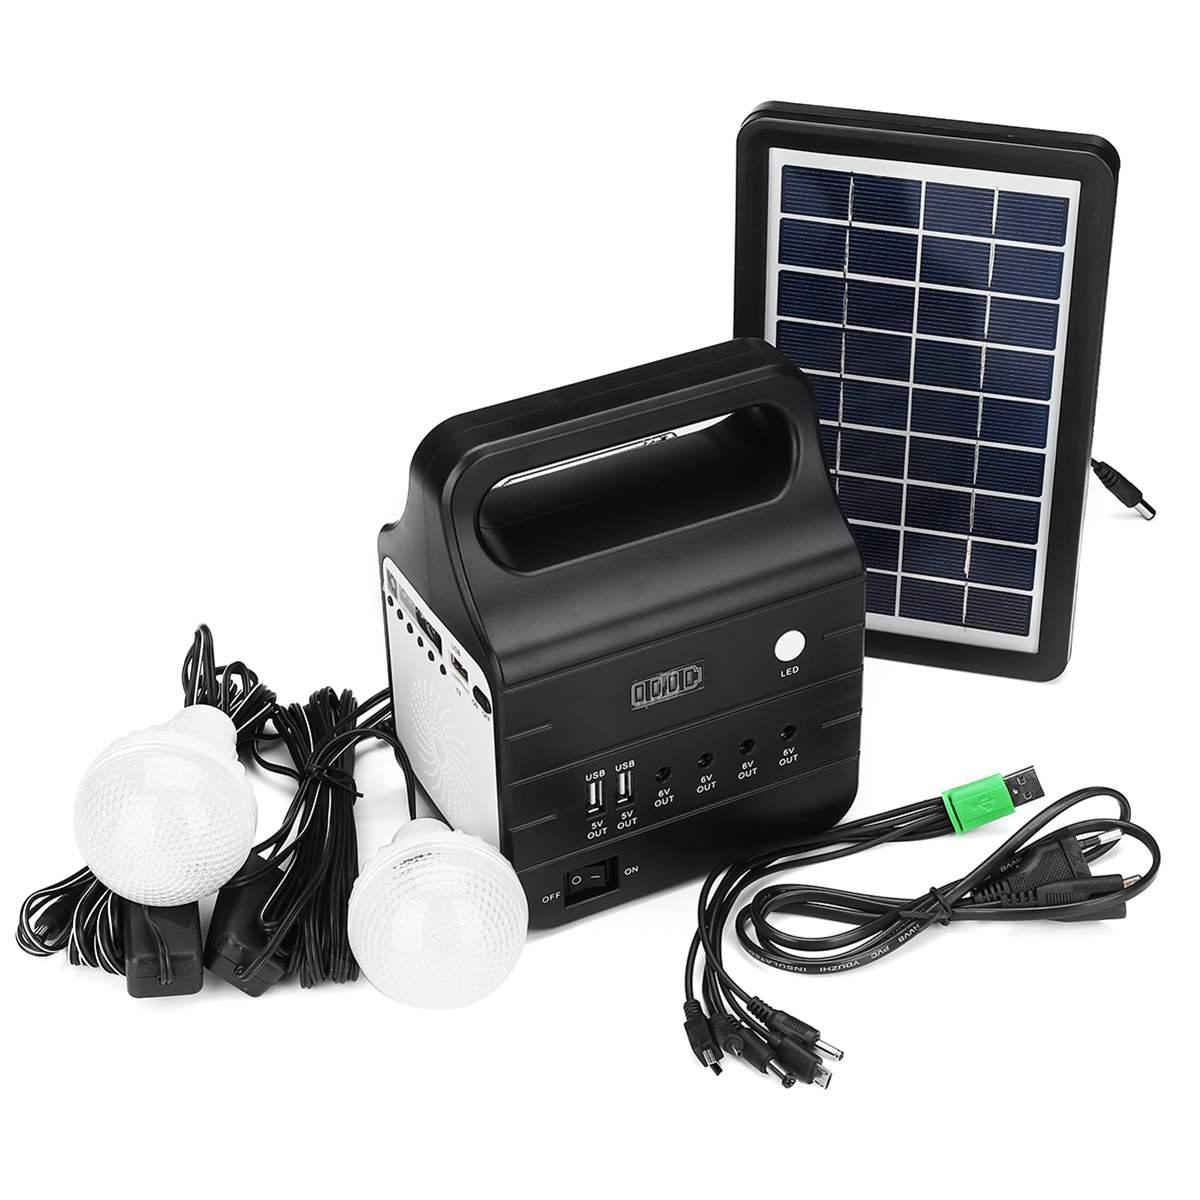 Gerador solar 25w com painel de energia